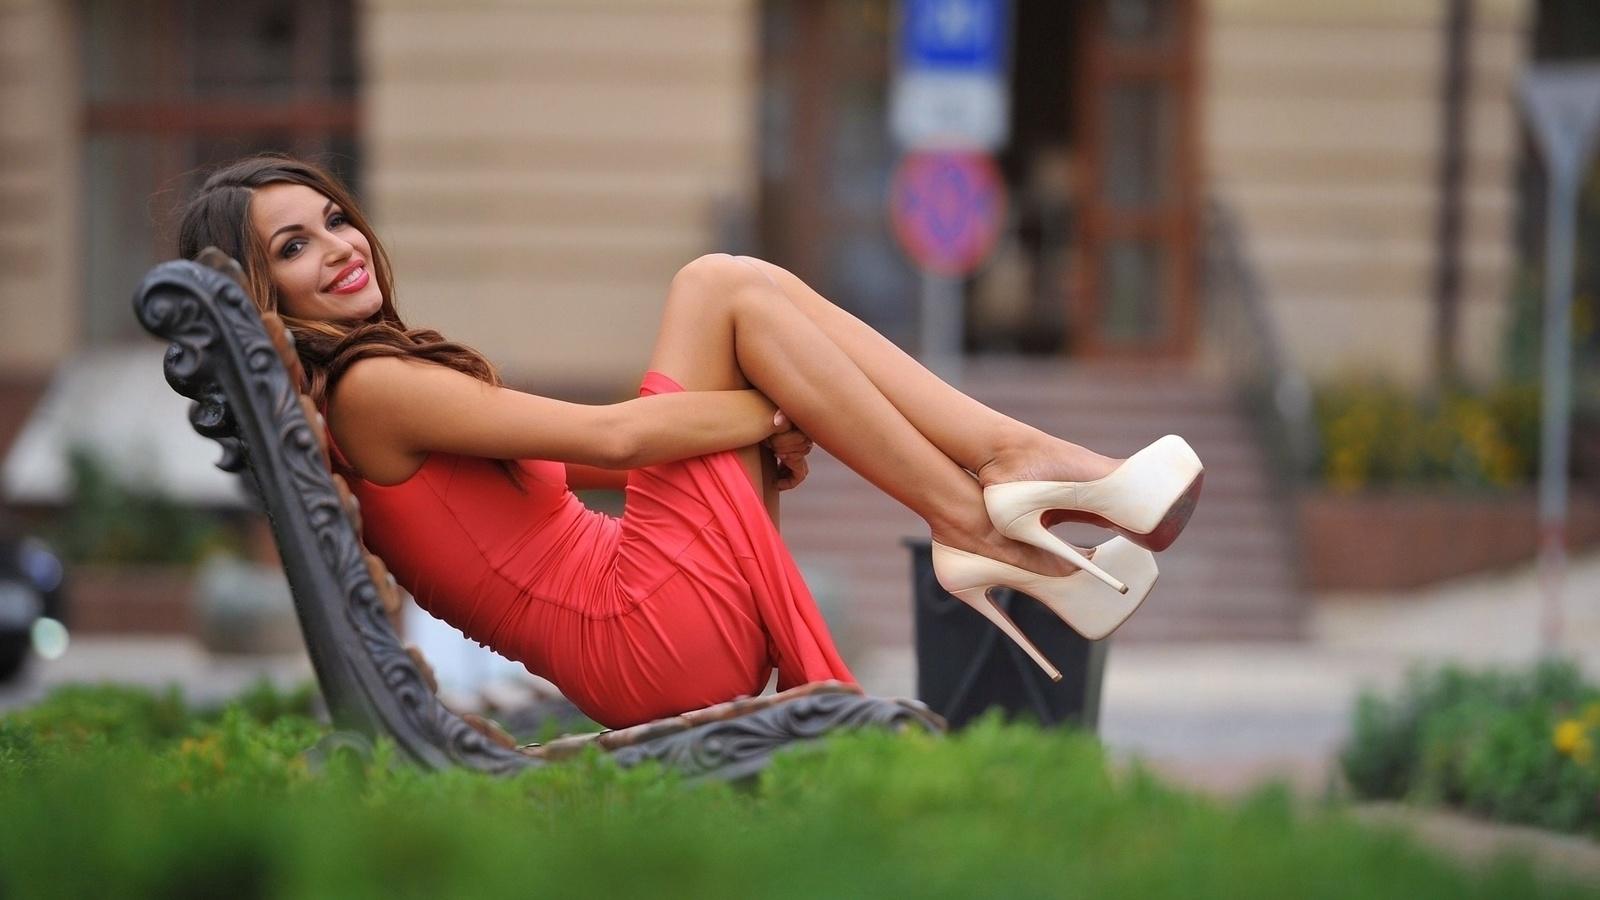 расслабление фото на улице позируют член